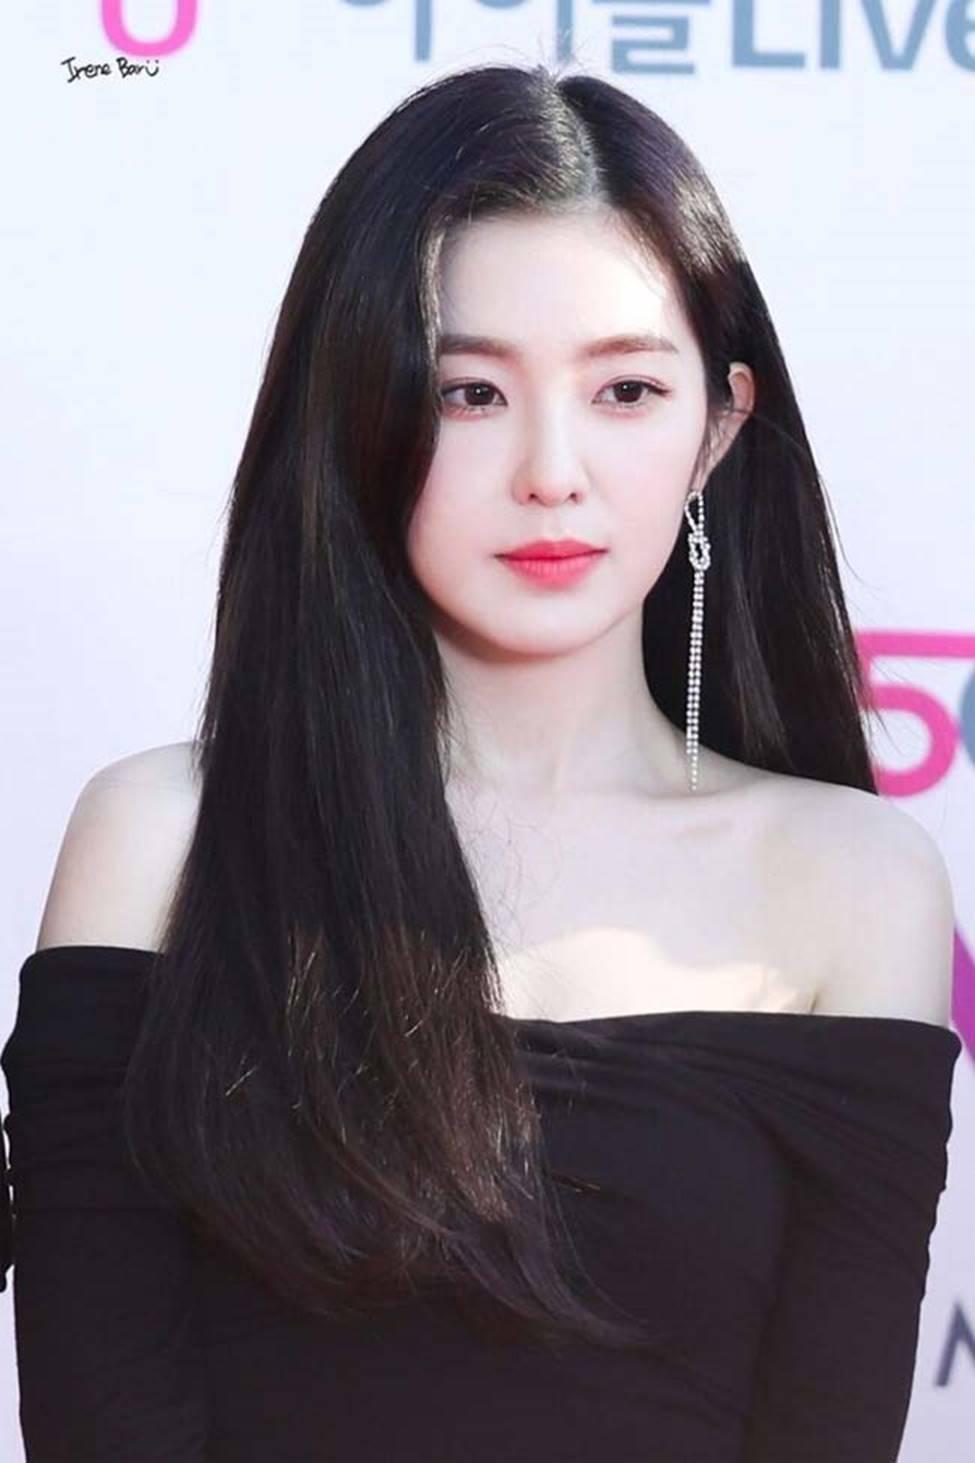 Mỹ nhân Hàn khiến người ta phải khiếp sợ vì quá xinh đẹp-1